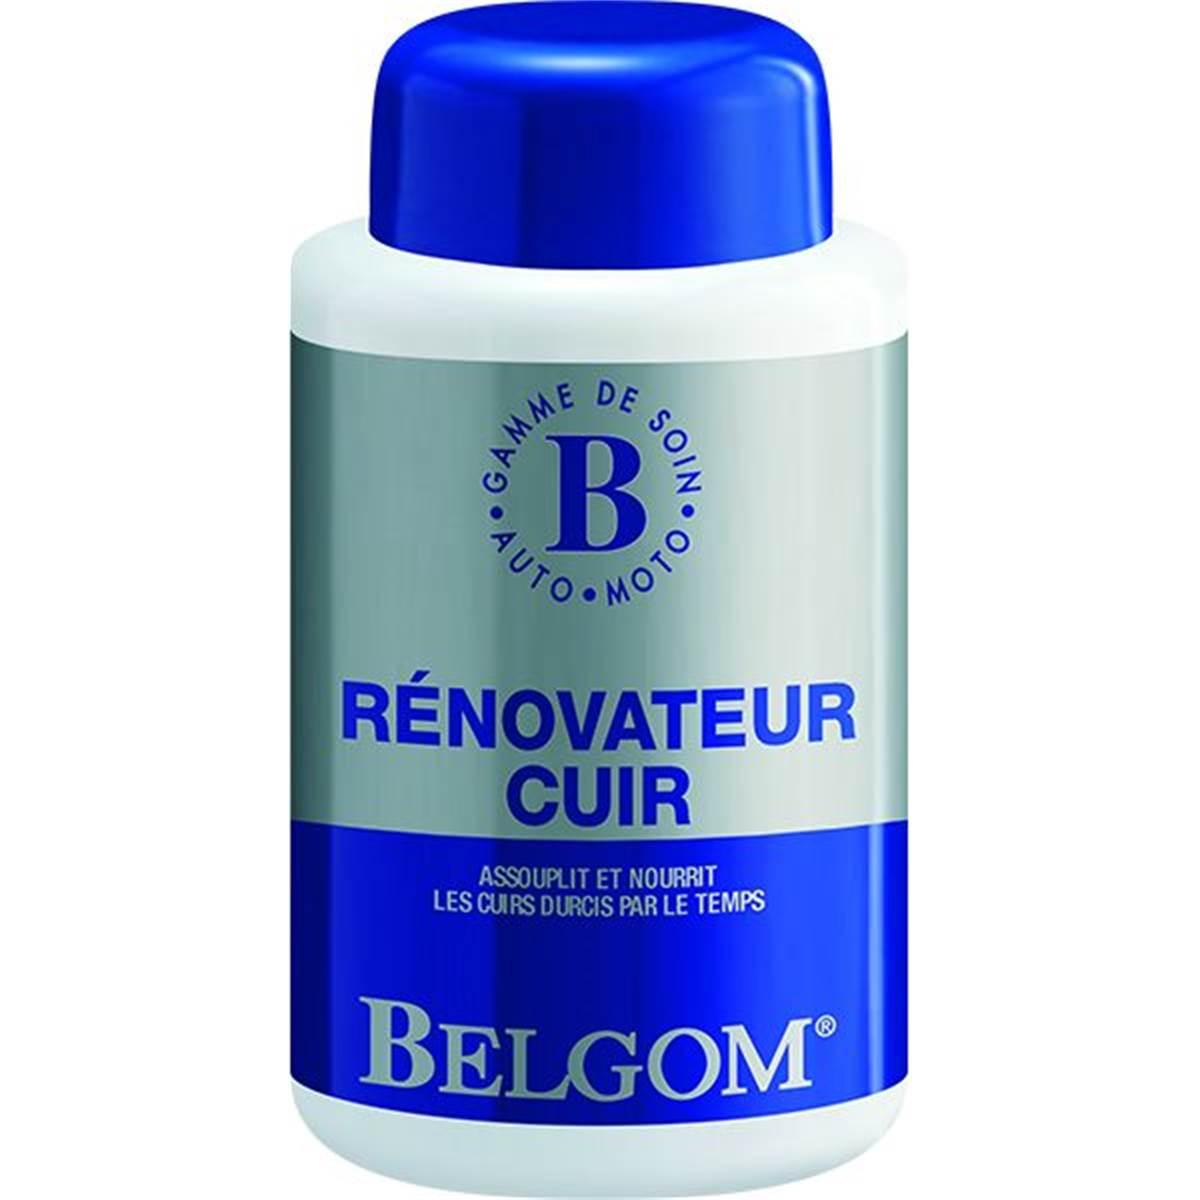 RENOVATEUR CUIR BELGOM 250 ML